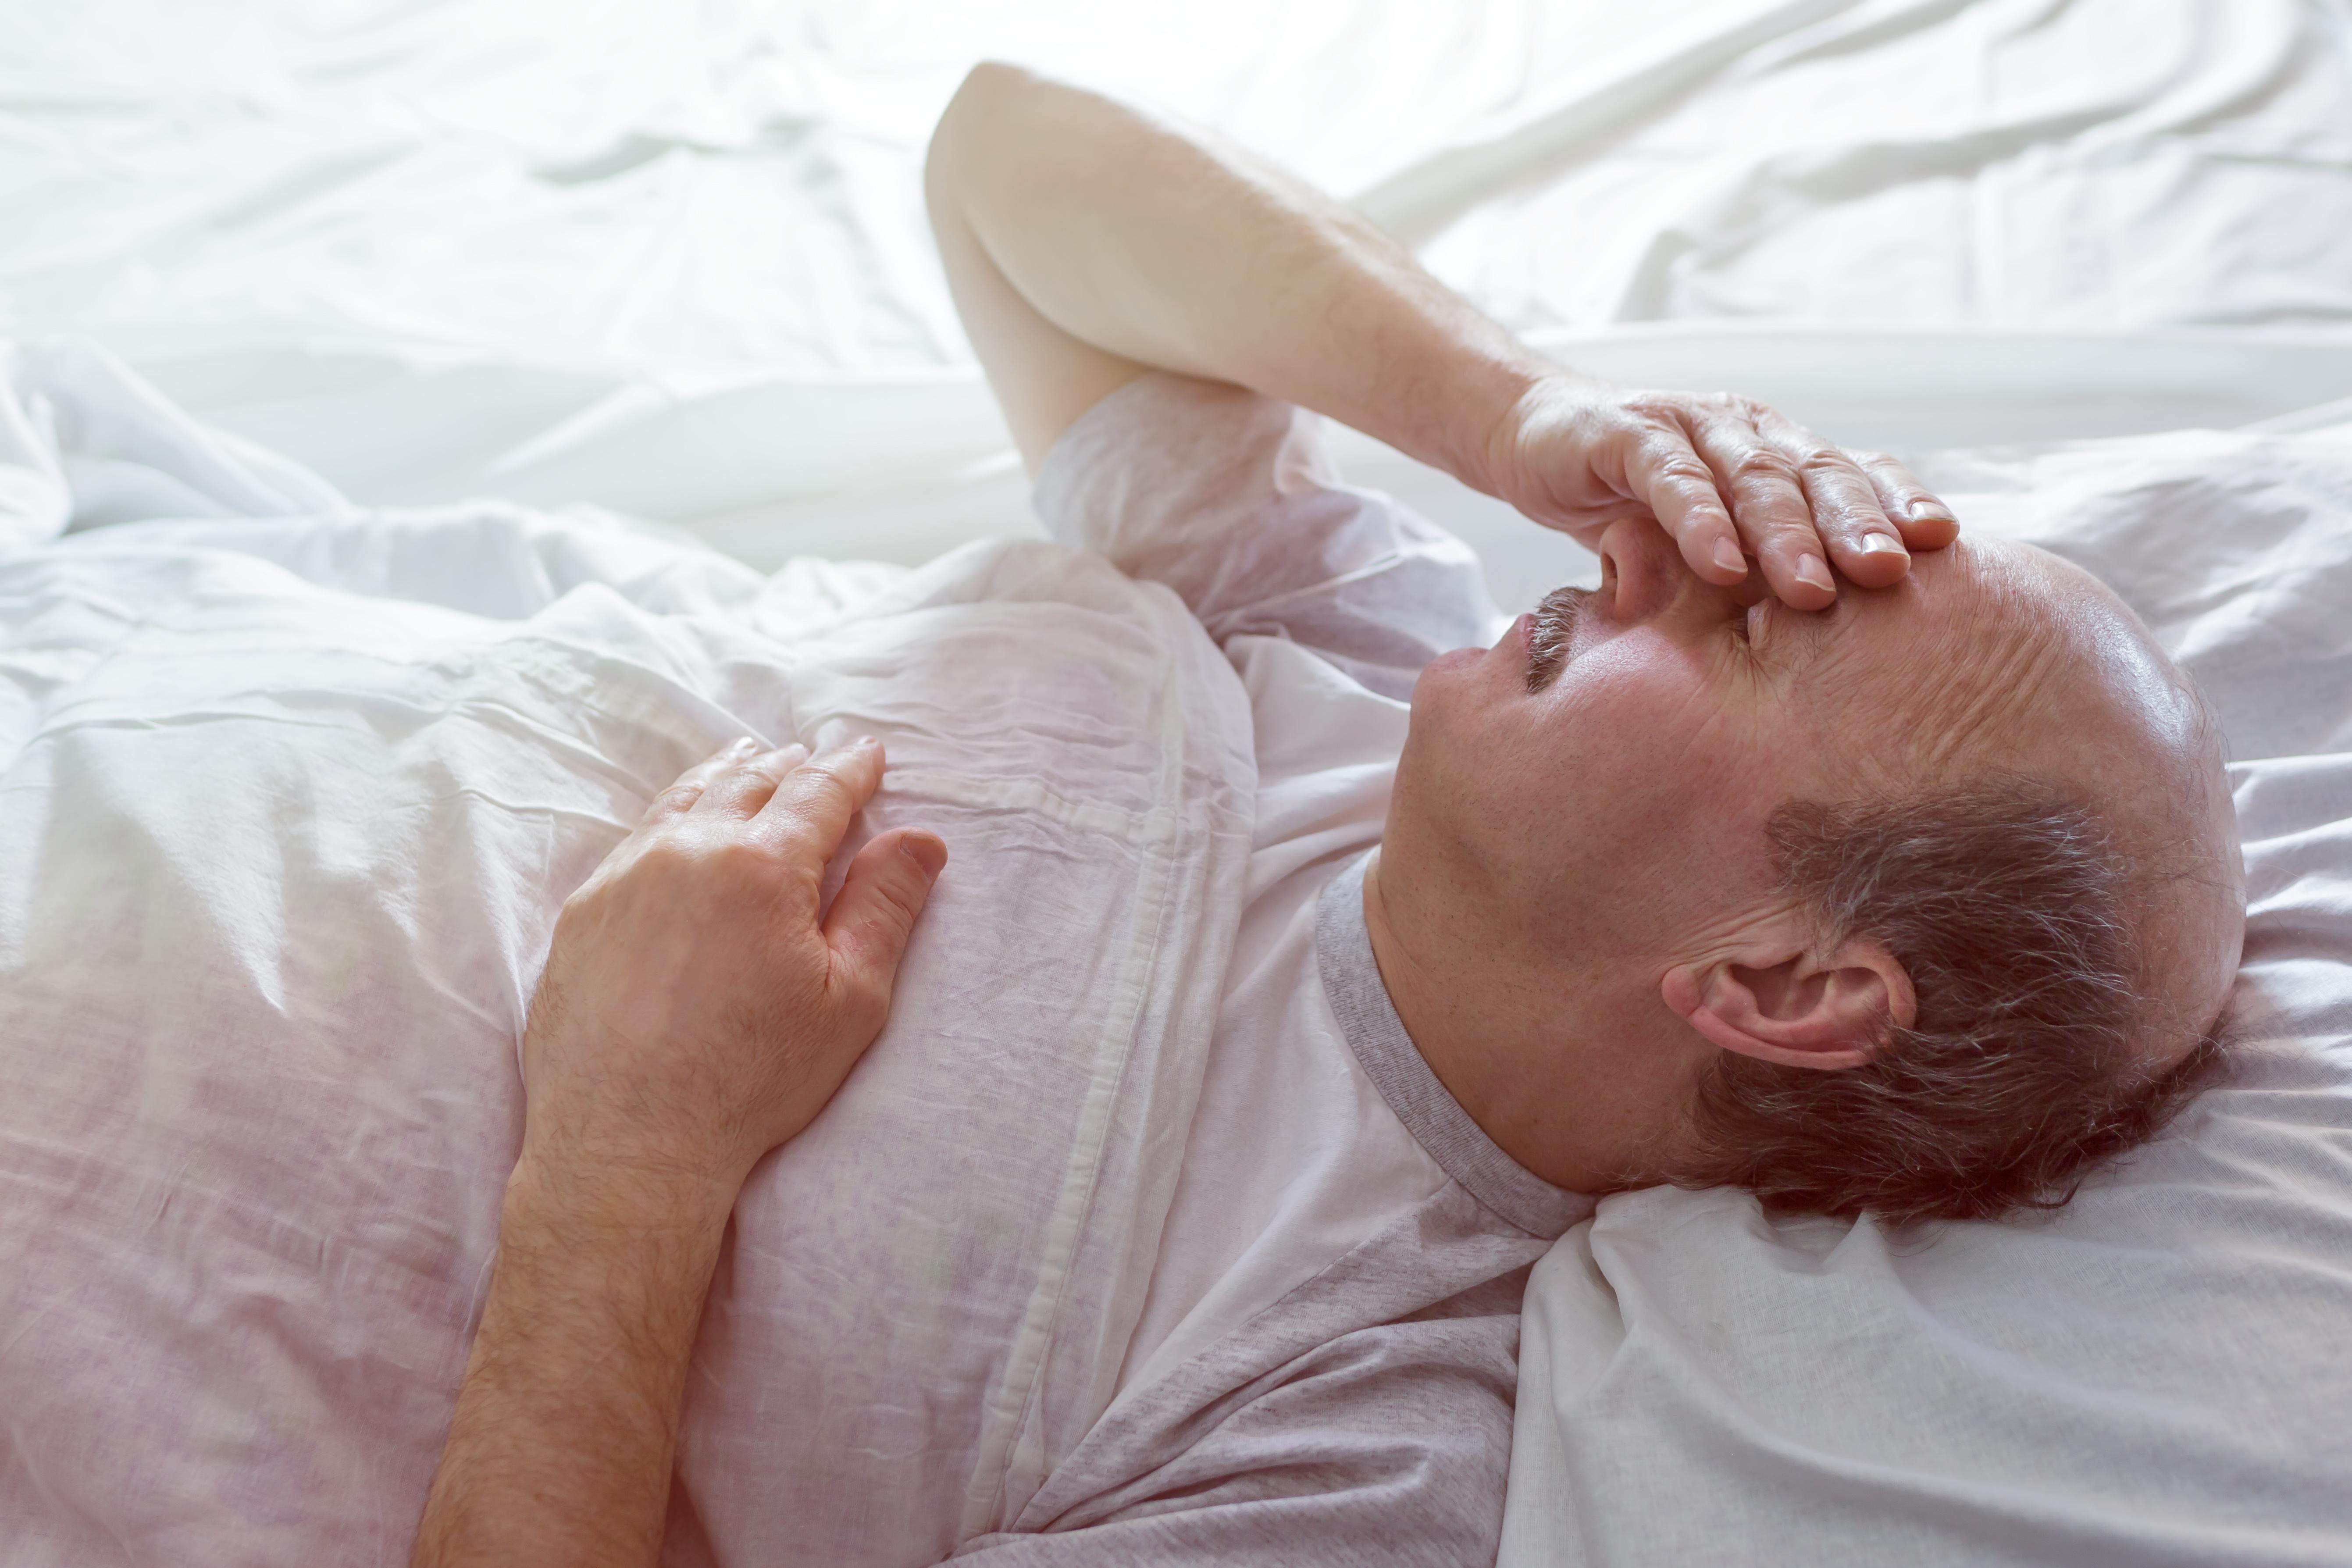 La neuromodulation de la moelle épinière électrique transcutanée se révèle efficace contre l'hyperactivité vésicale